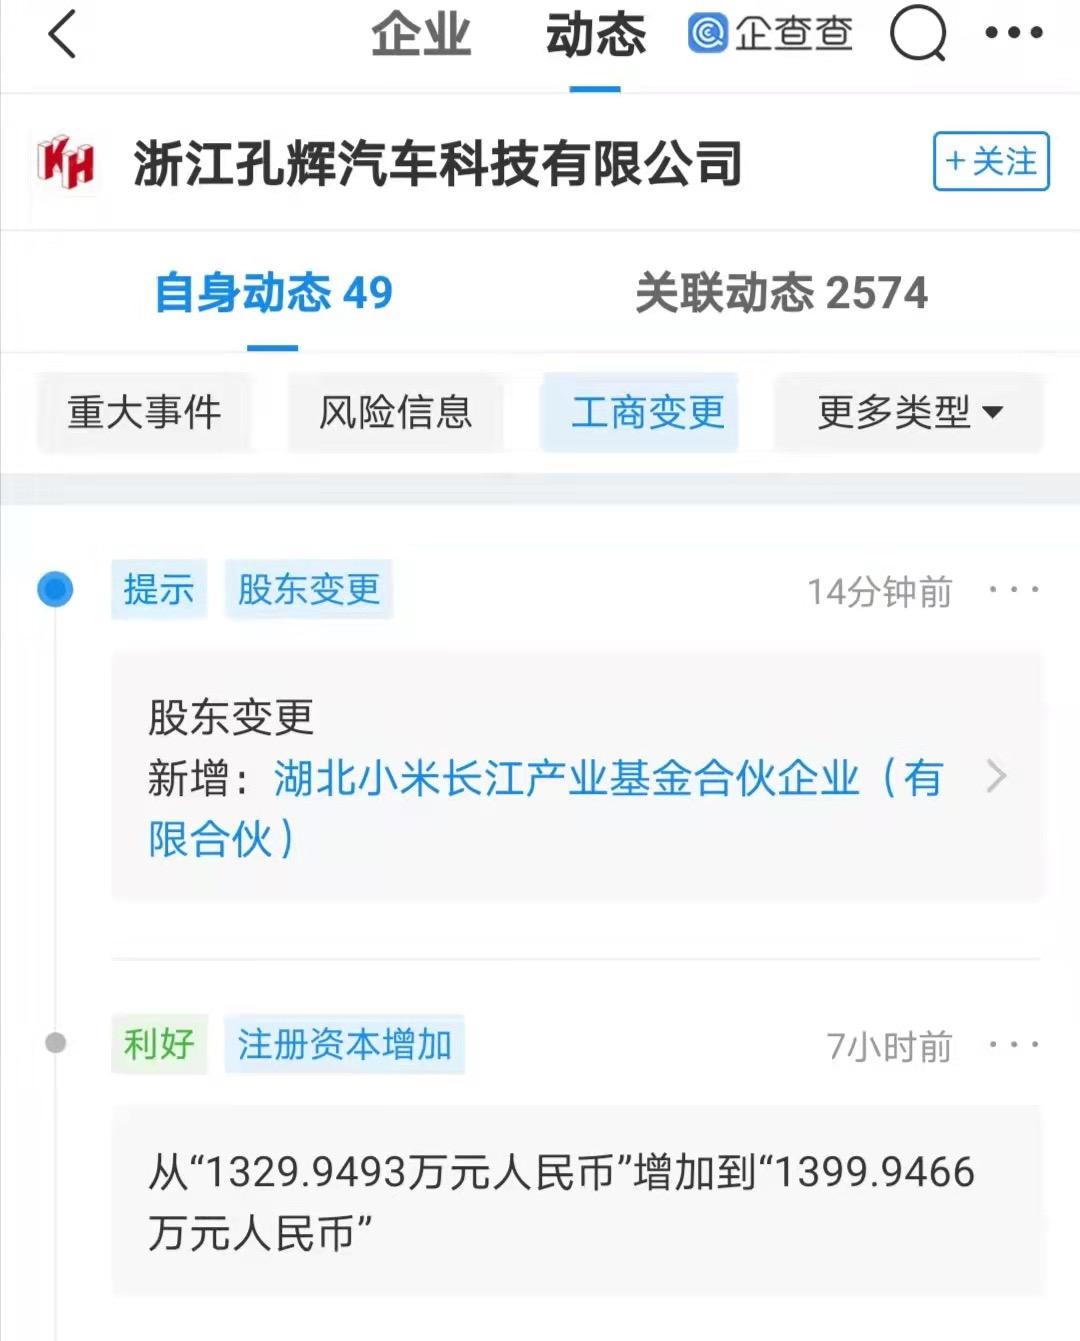 """小米投资孔辉汽车 """"买买买""""加快造车进度"""